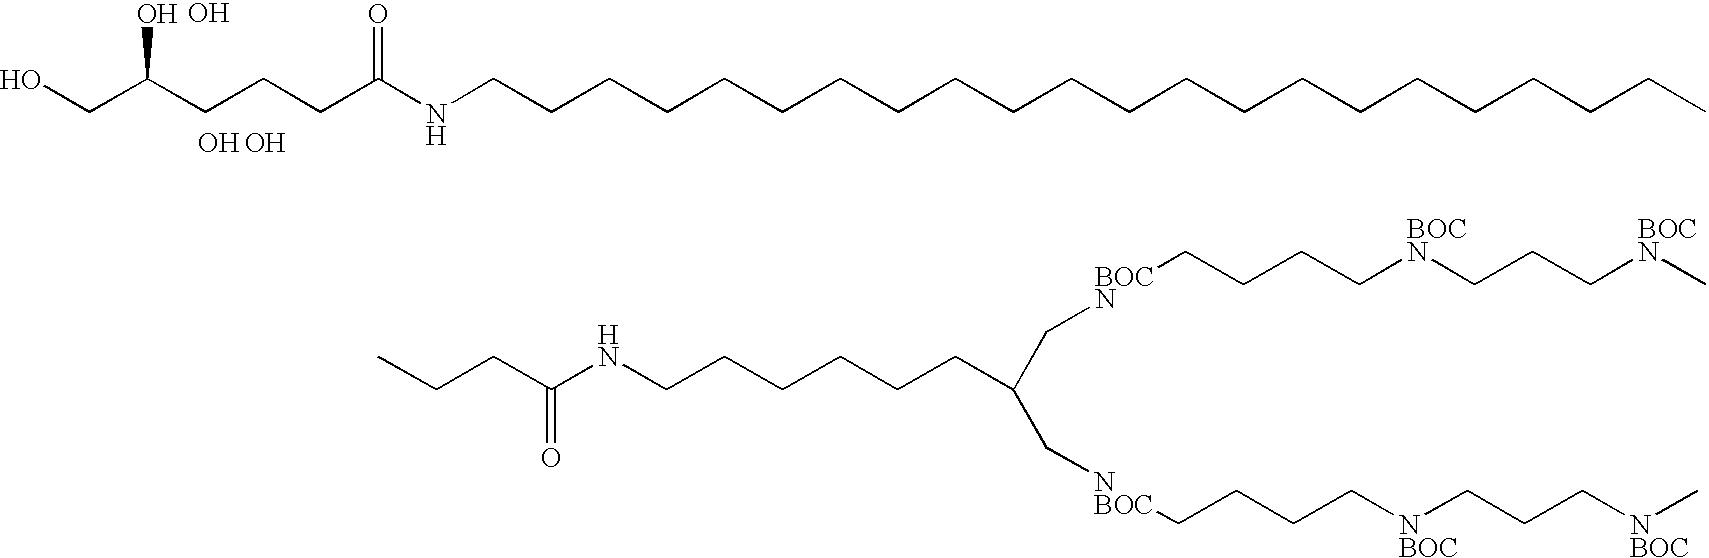 Figure US06583301-20030624-C00108